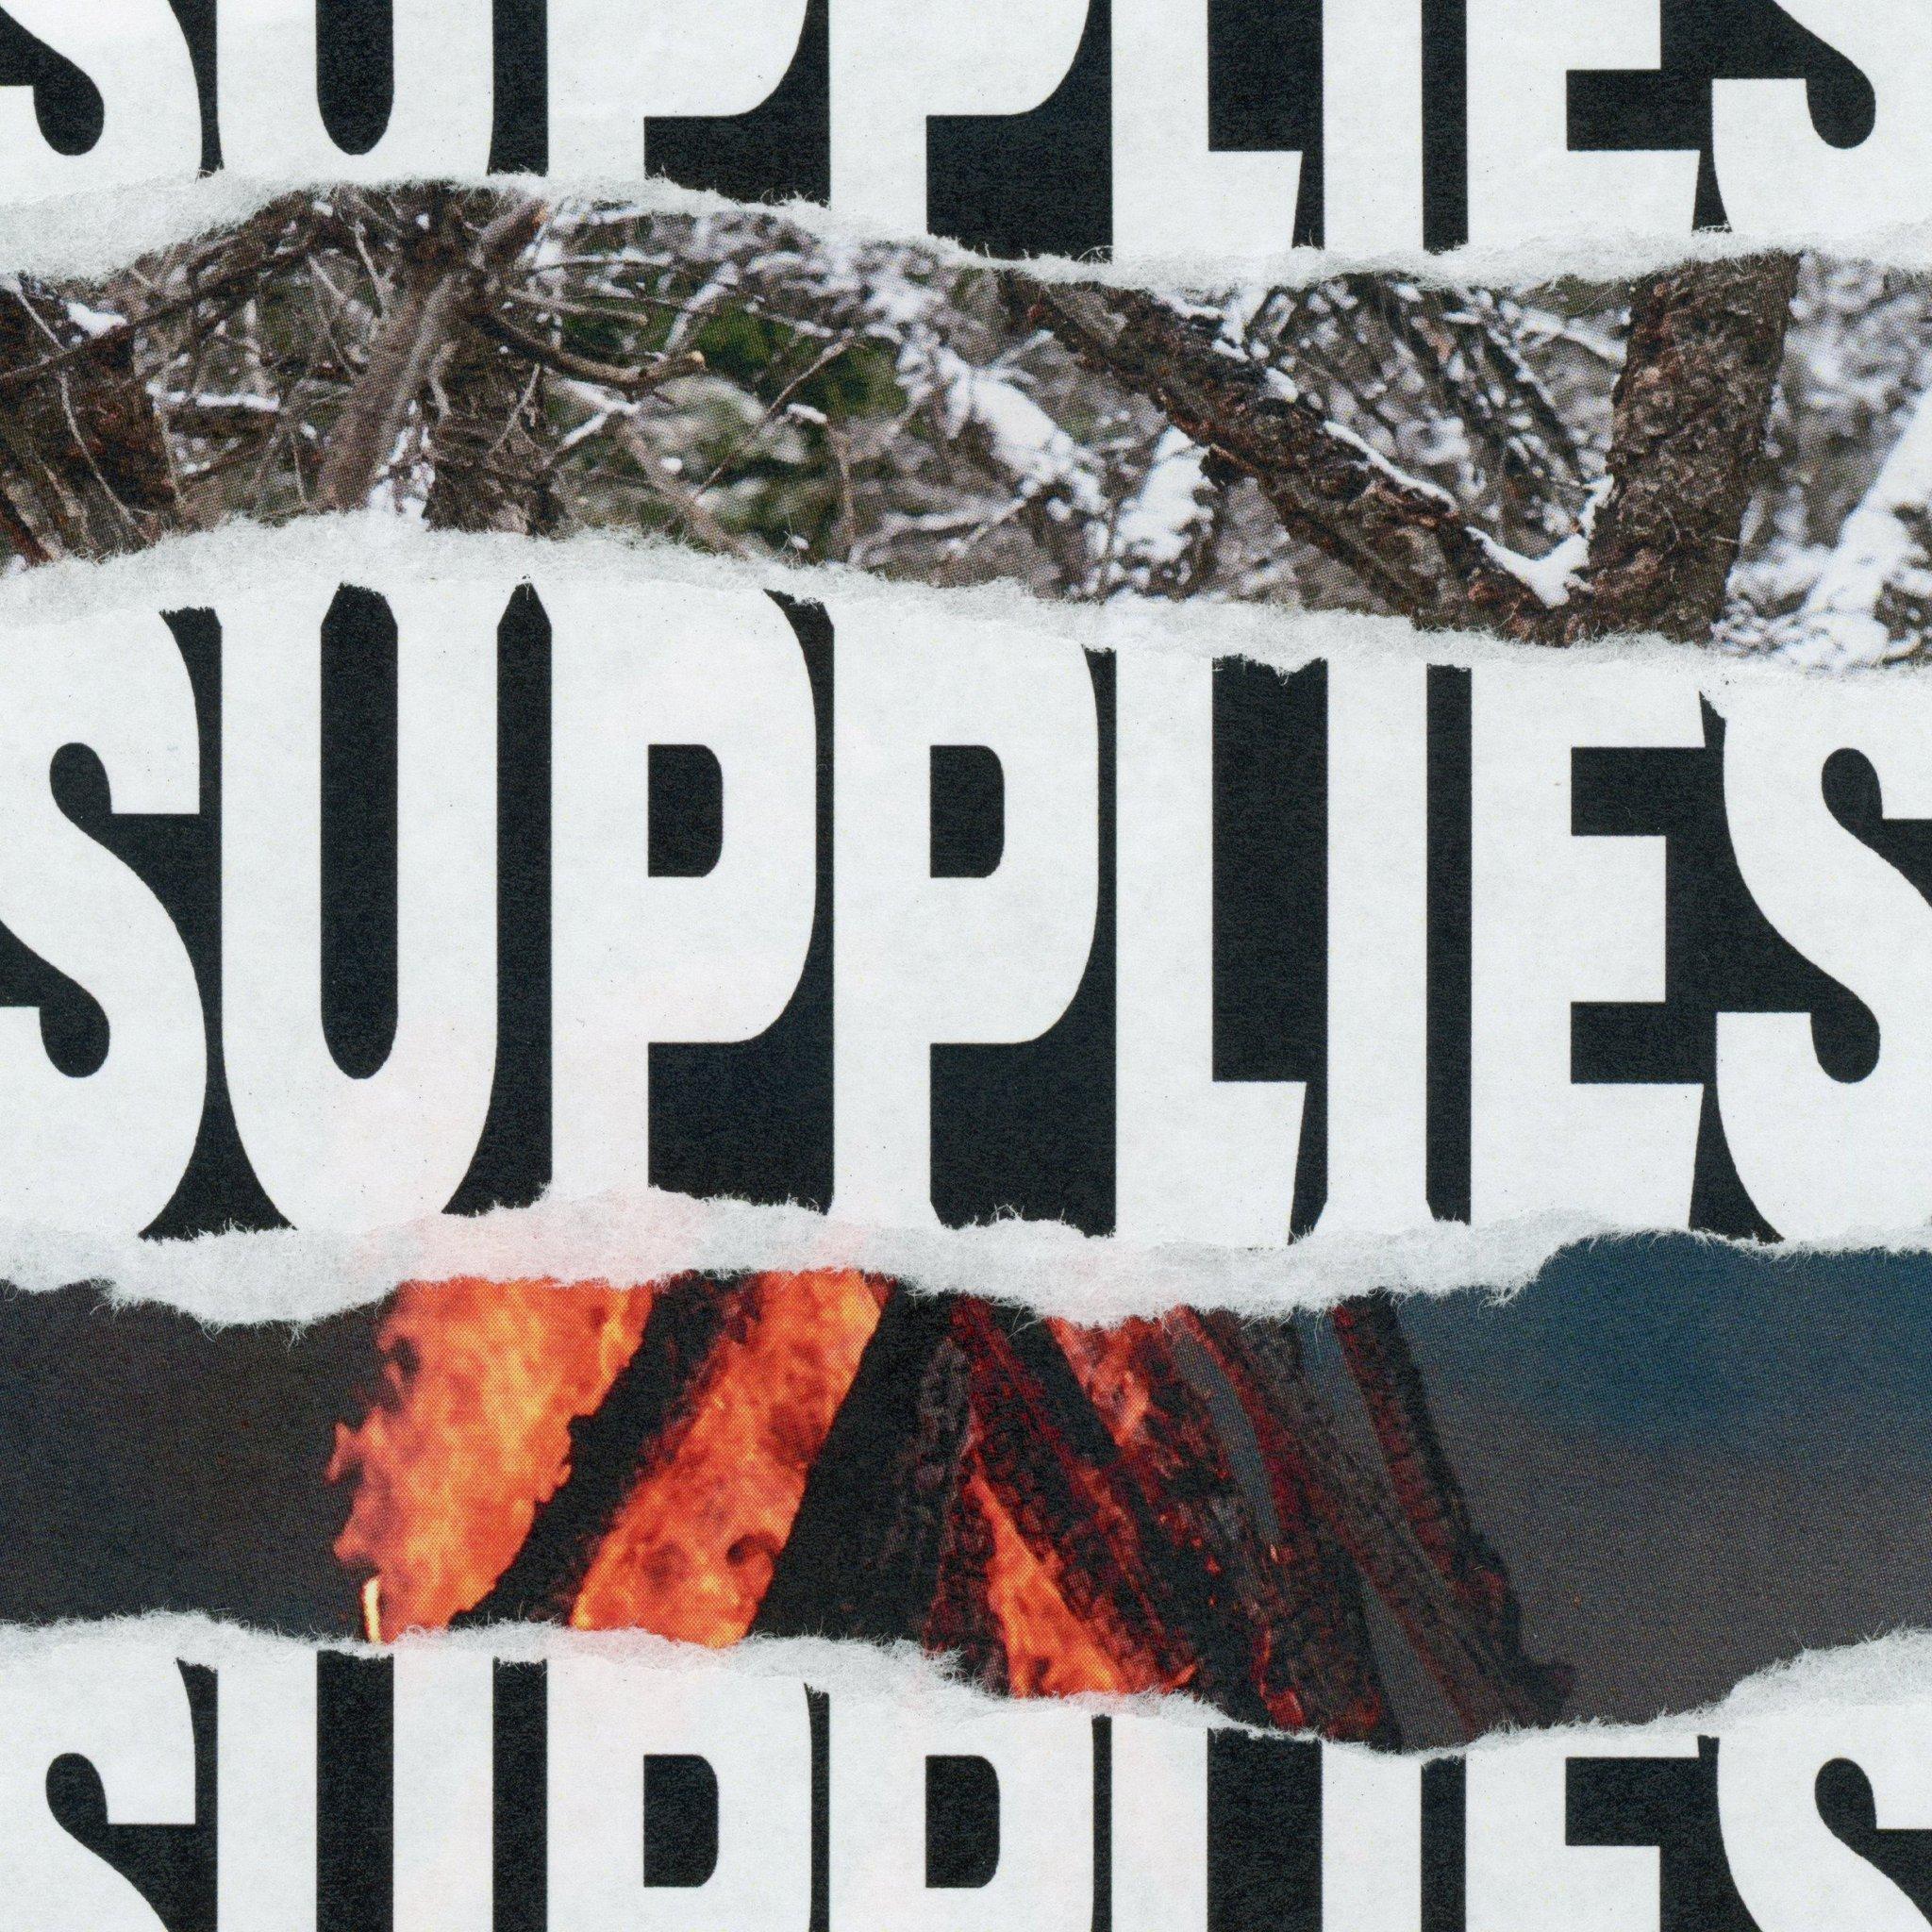 2 of 4. Supplies  https://t.co/PlAckg5LUQ https://t.co/FZQFR4EcKE